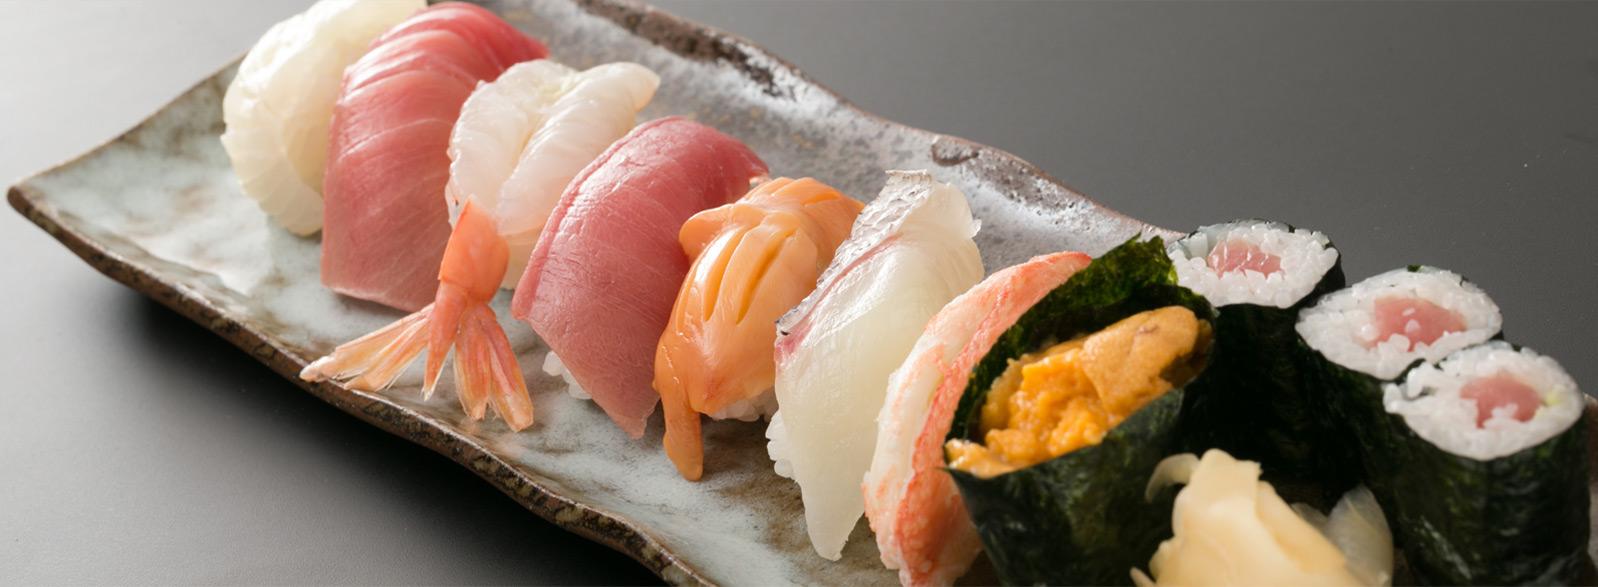 三陸直送の新鮮な魚介類を使用した「寿司」